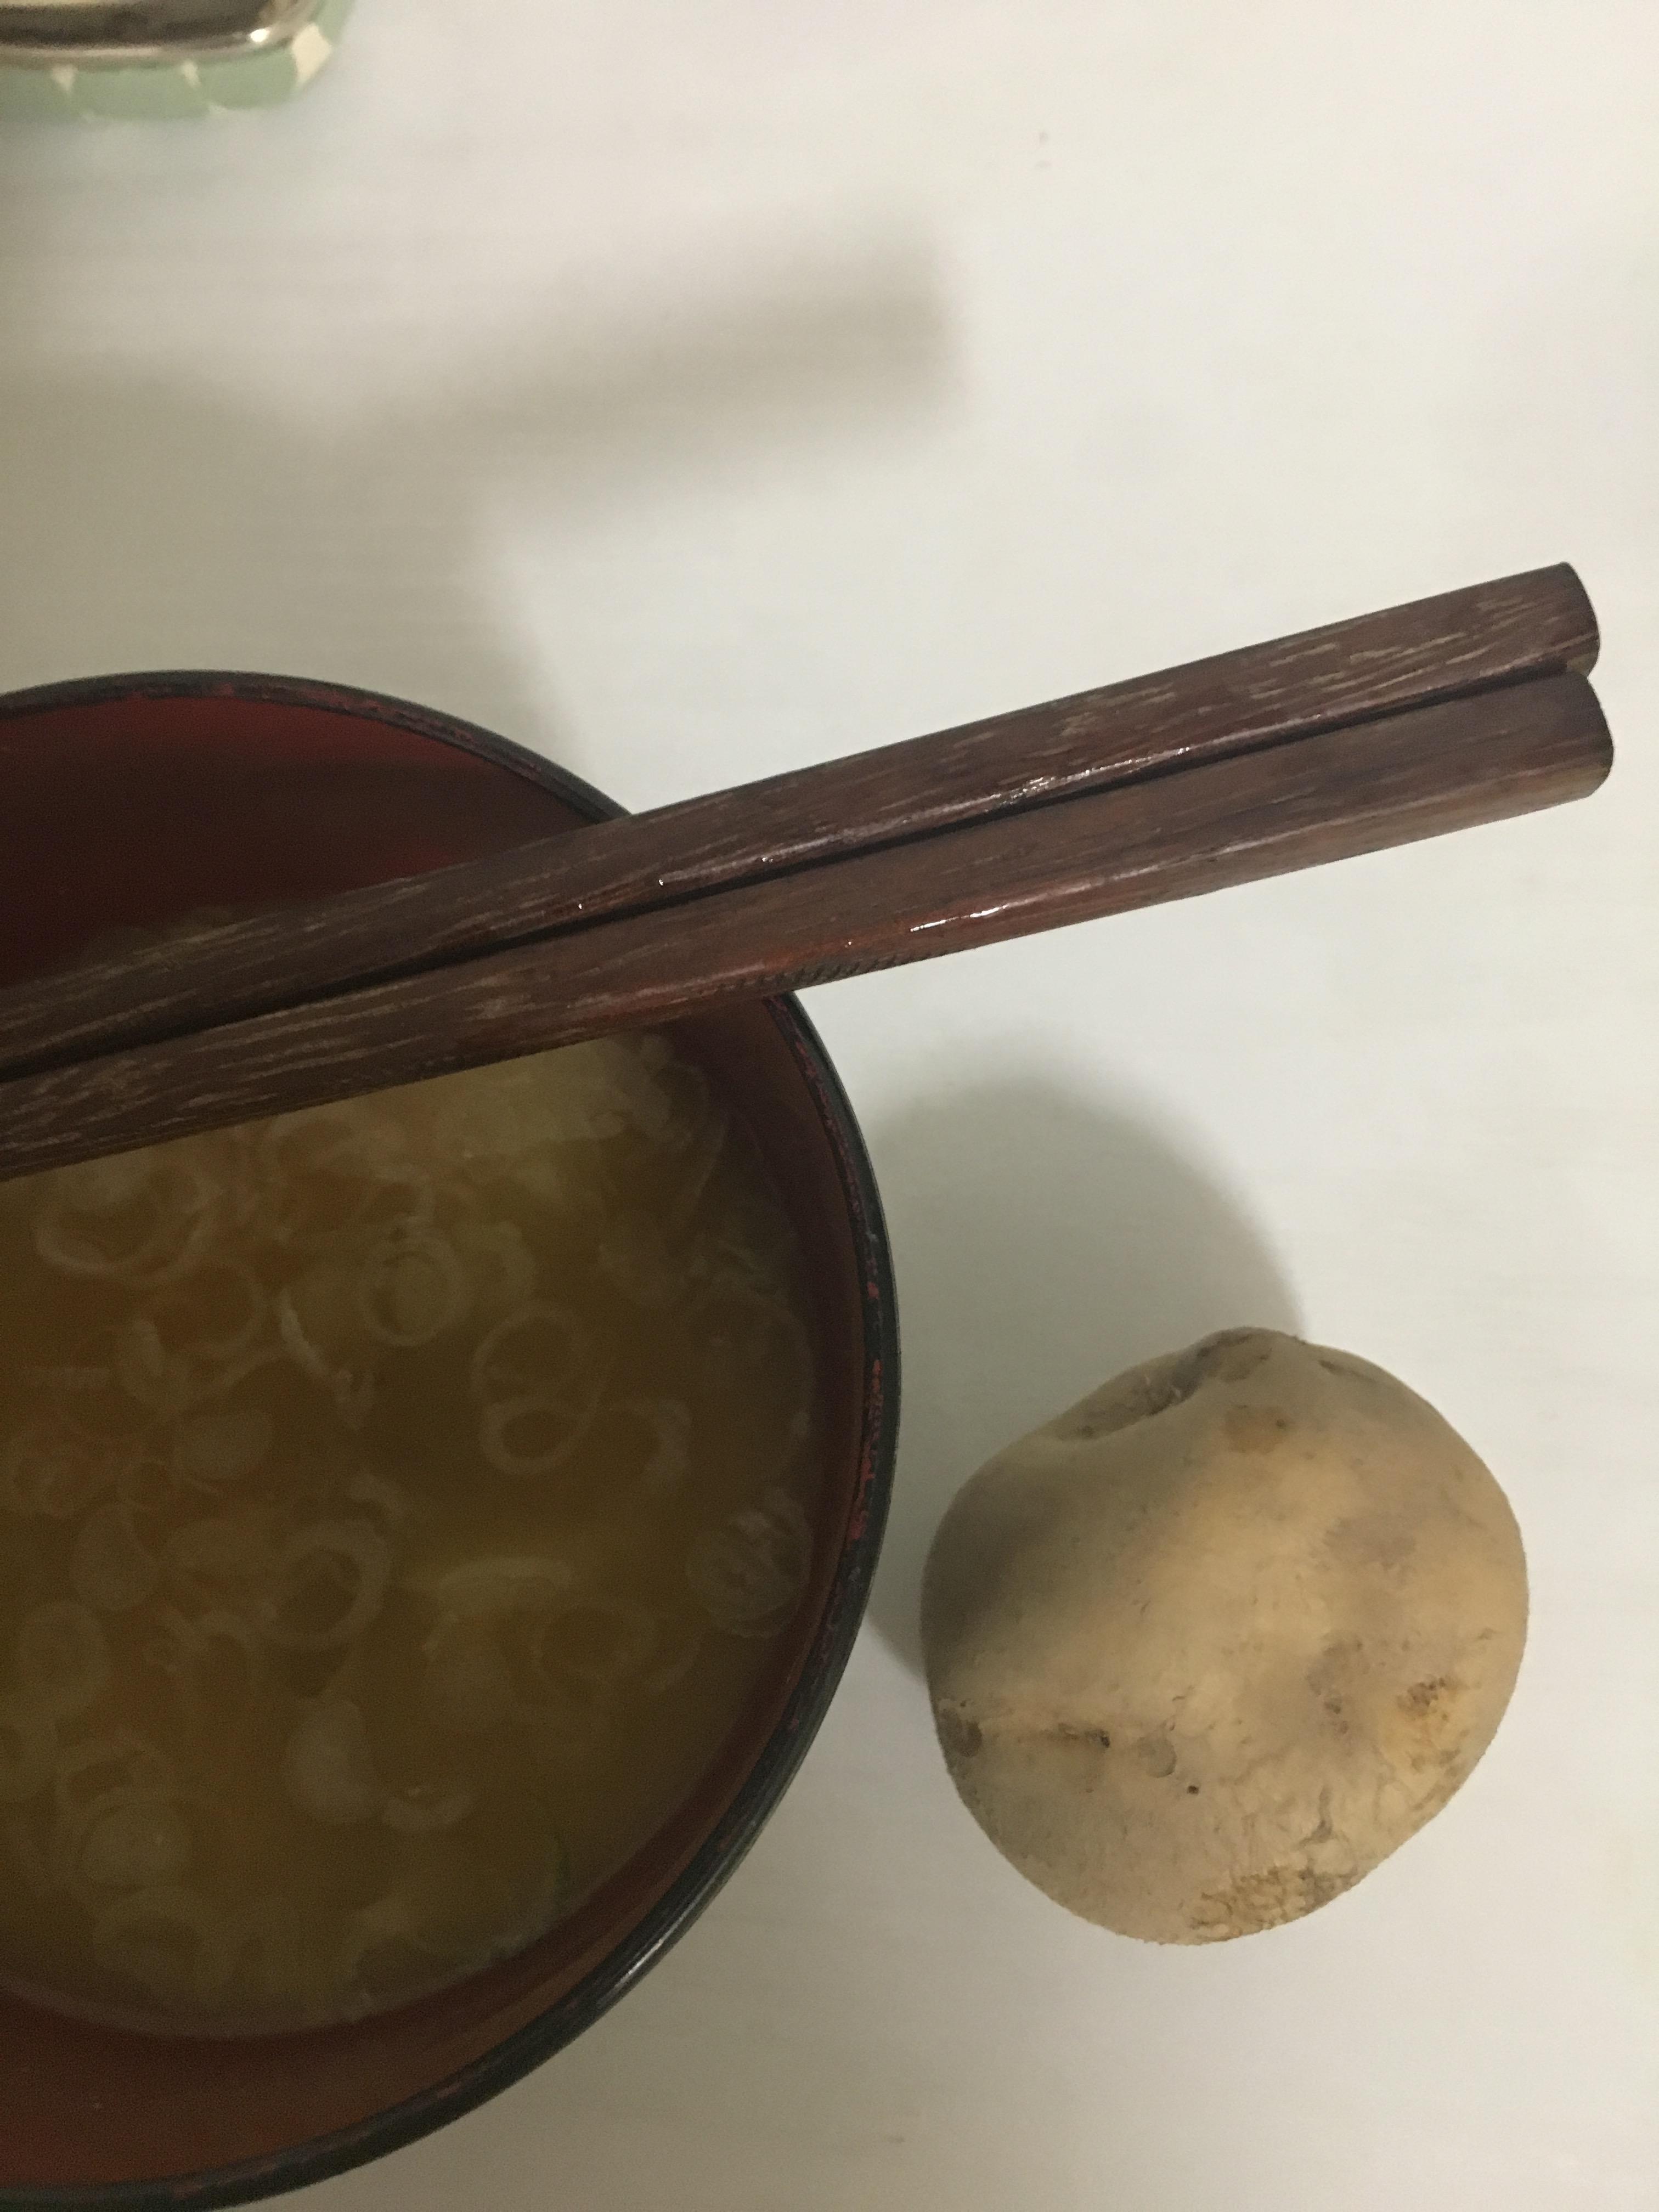 三井 紗和「こんにちは」10/13(日) 12:57 | 三井 紗和の写メ・風俗動画